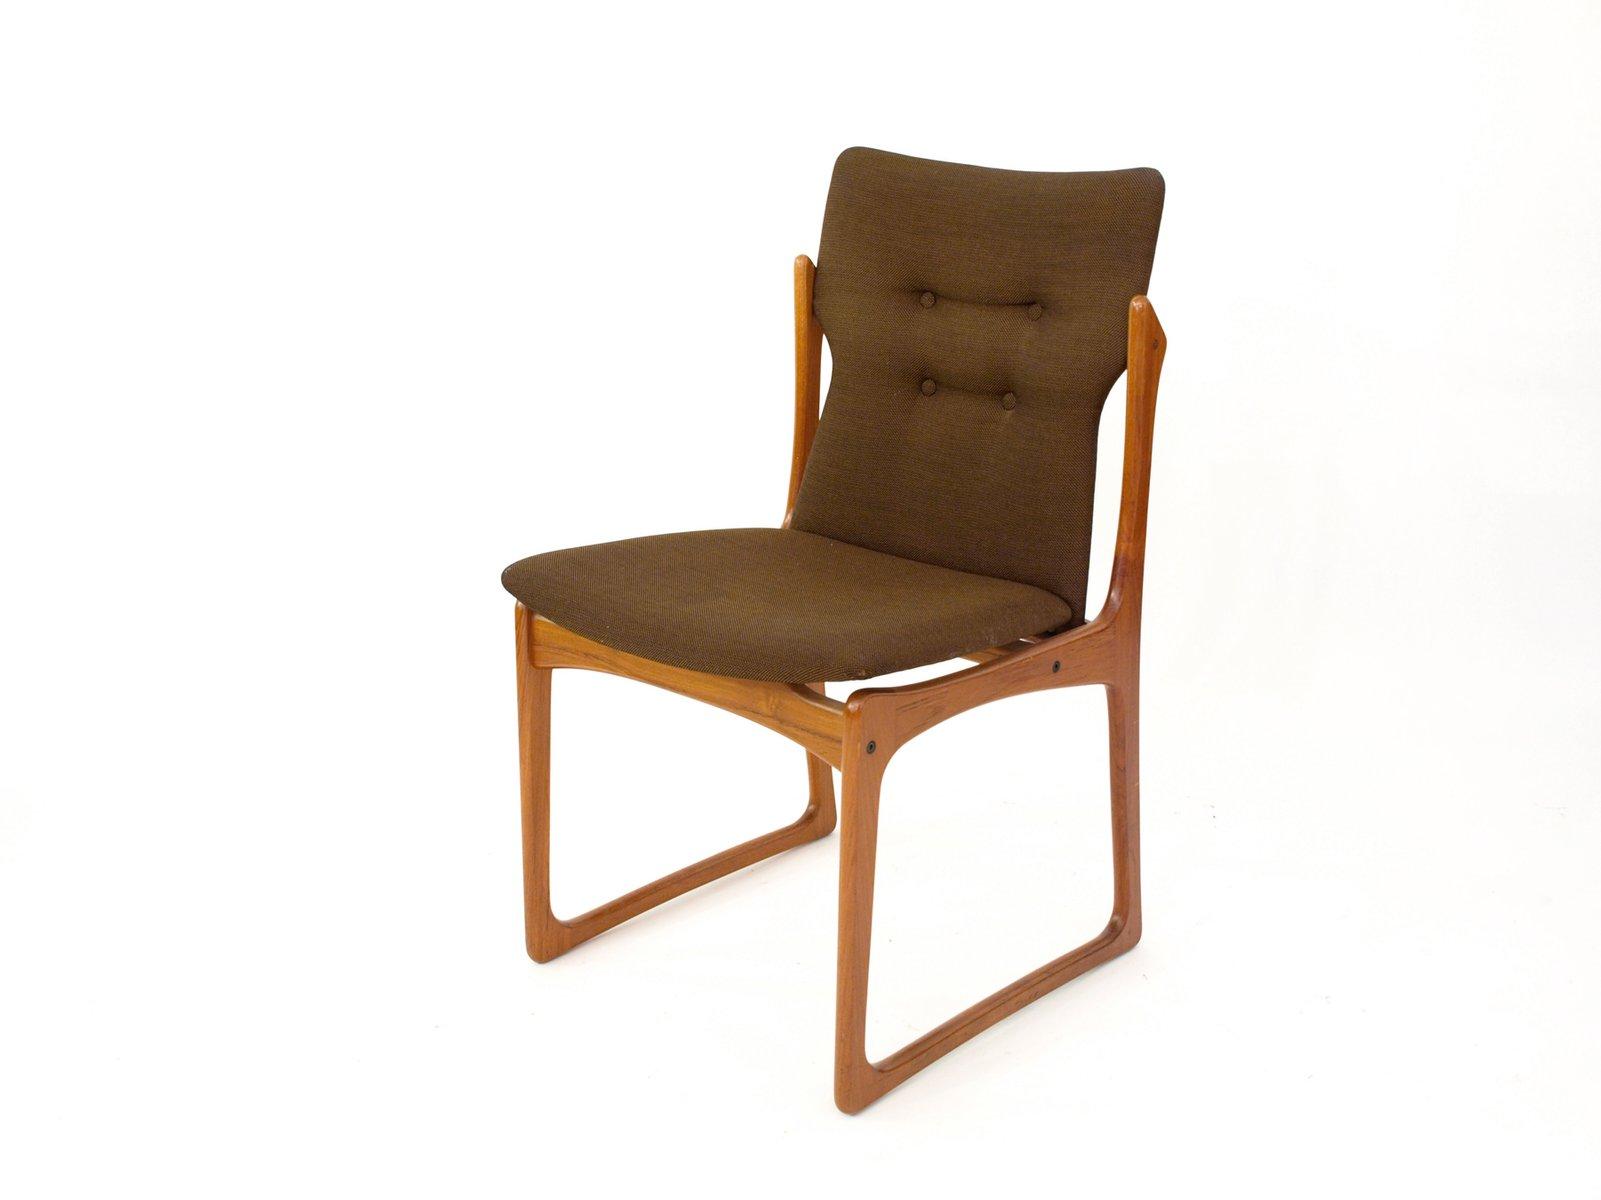 d nischer teak stuhl von vamdrup stolefabrik 1960er bei pamono kaufen. Black Bedroom Furniture Sets. Home Design Ideas